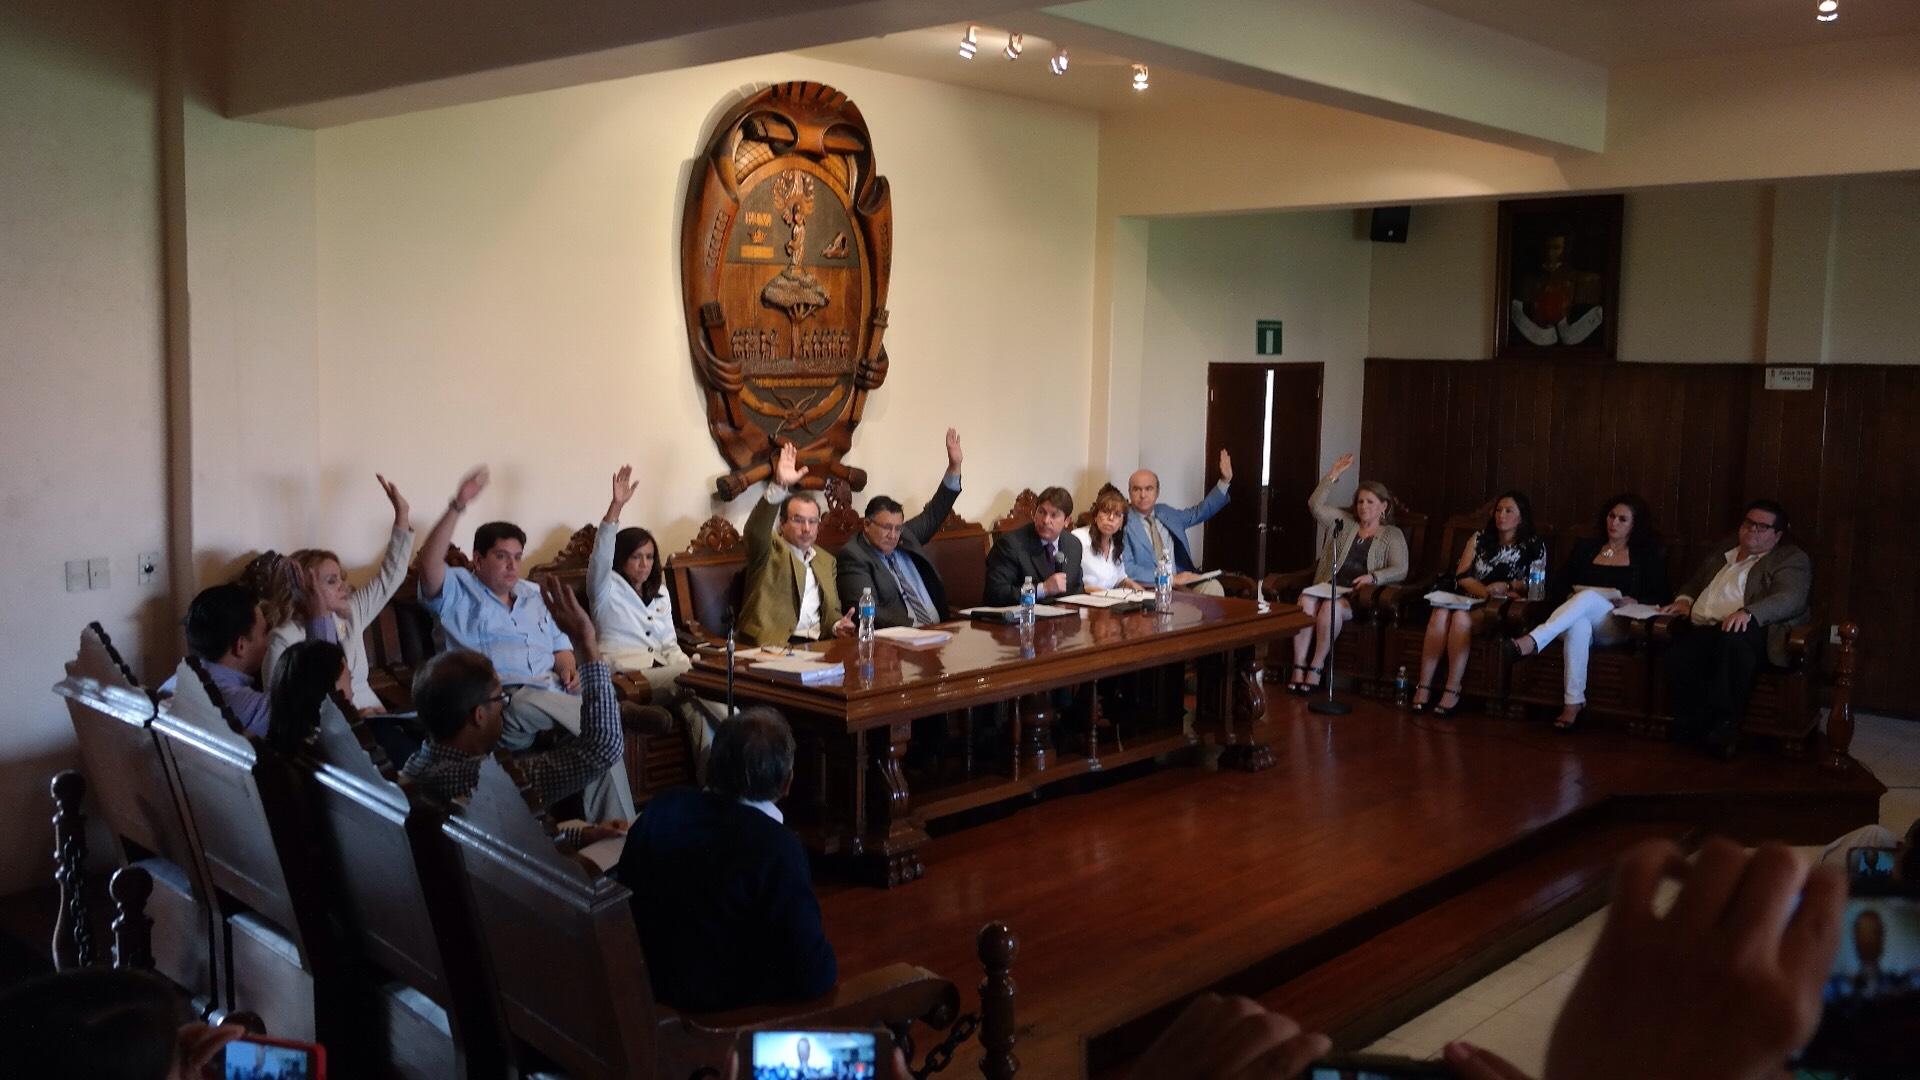 Los nuevos costos, con base en lo aprobado por el pleno del Ayuntamiento, serán con pago en efectivo, de 9 pesos y con pago electrónico en tarifa general de 6pesos con 50 centavos así como la preferencial de 4 pesos con 50 centavos.